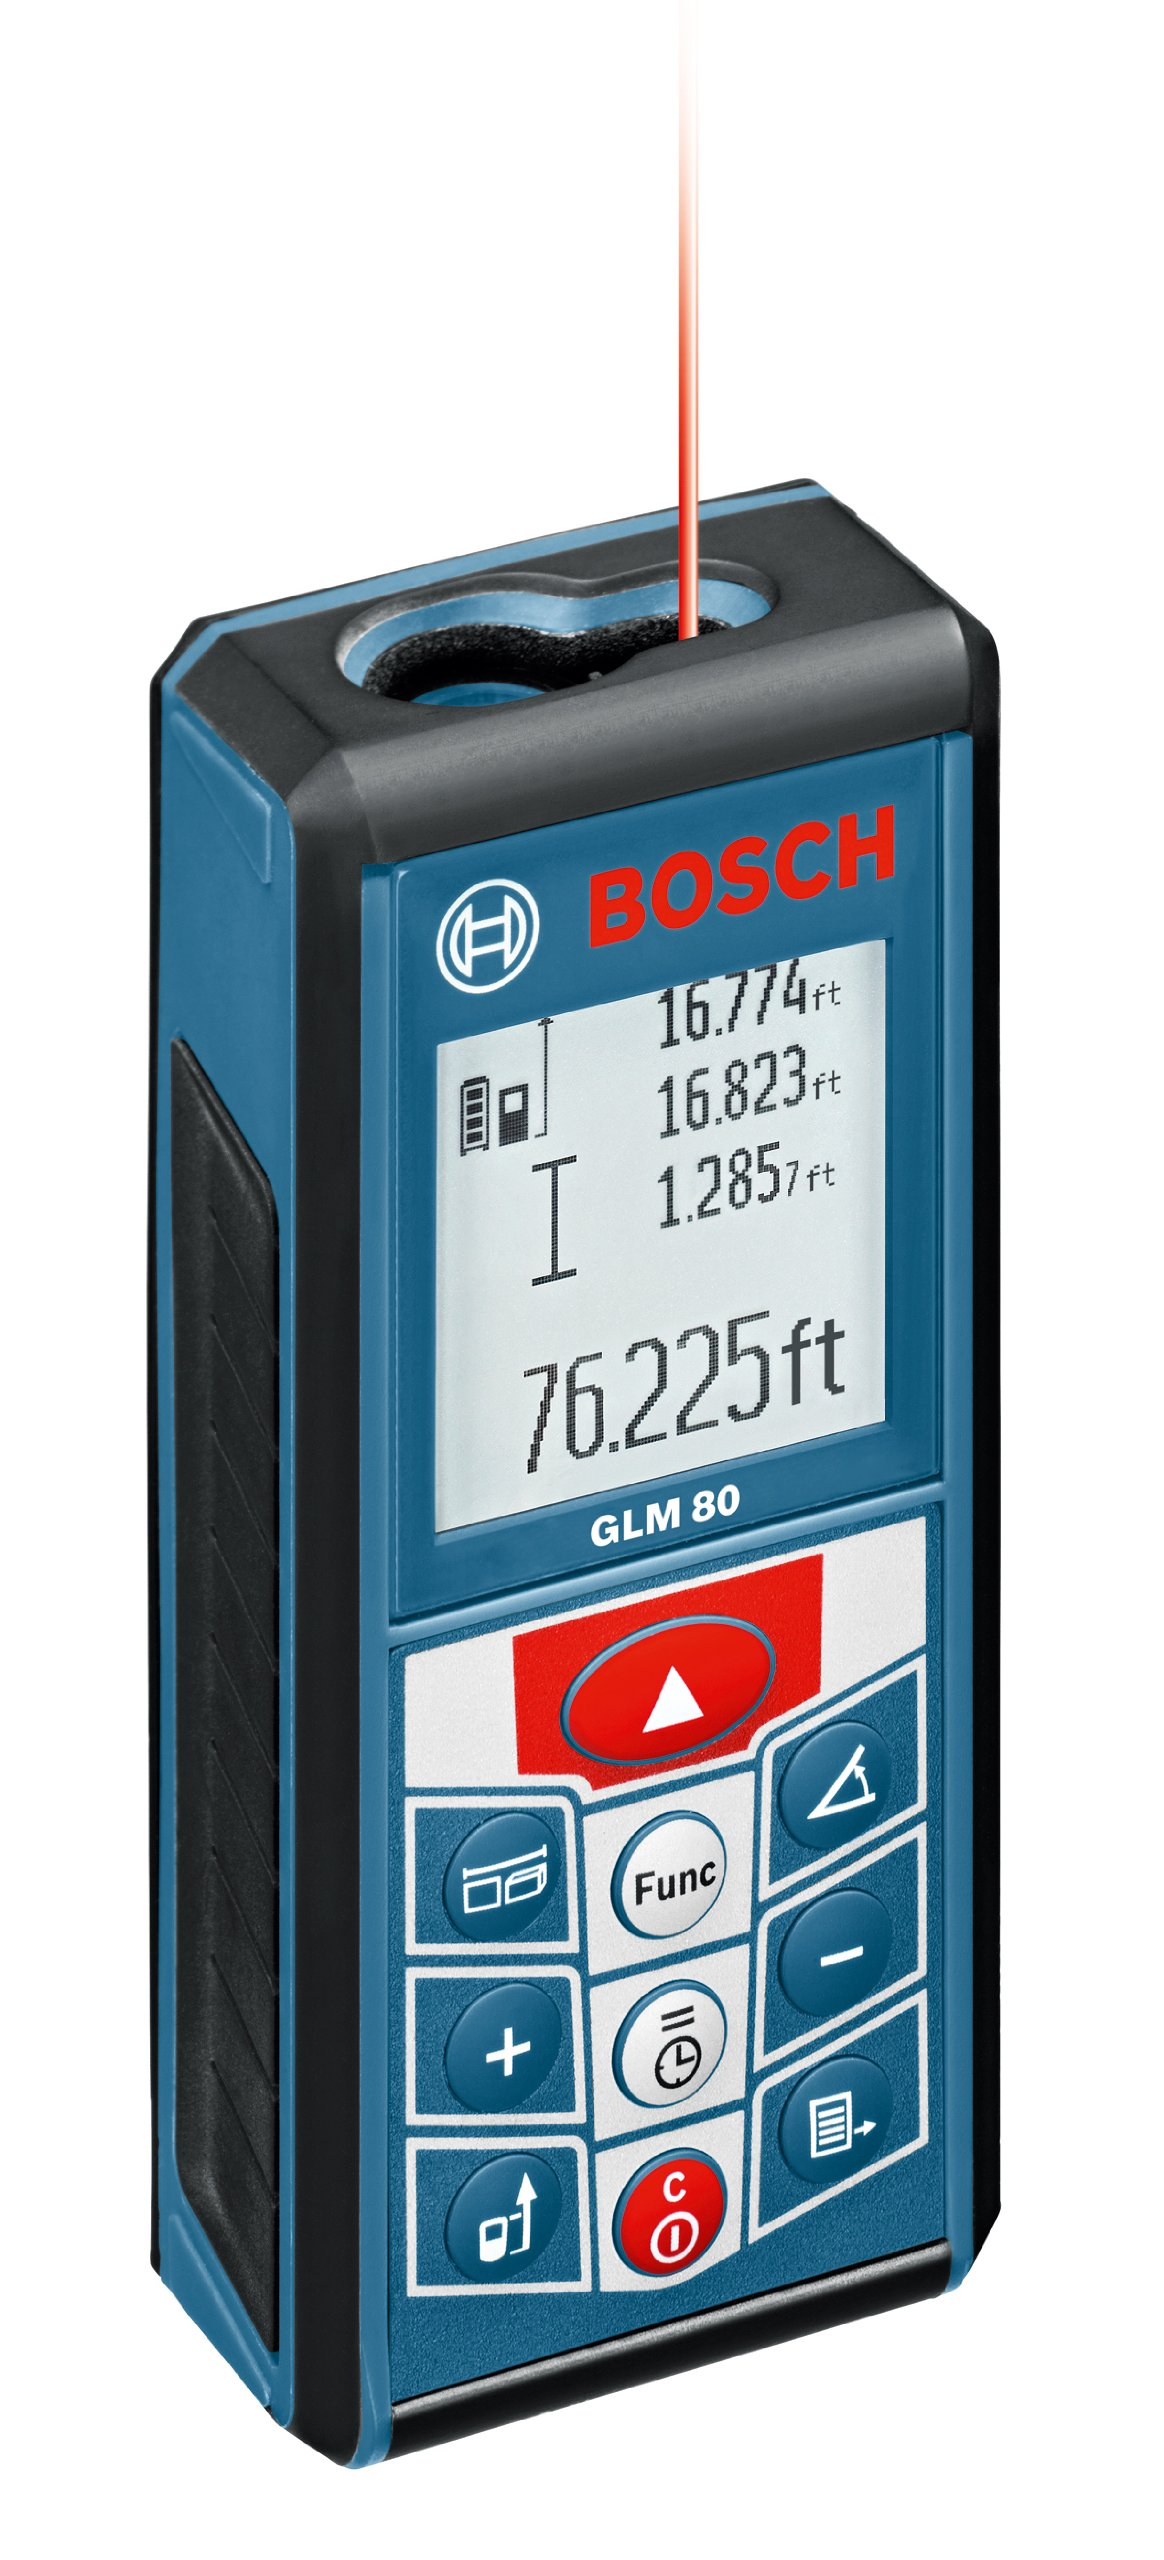 Bosch 265-Feet Lithium-Ion Laser Distance Measurer GLM 80